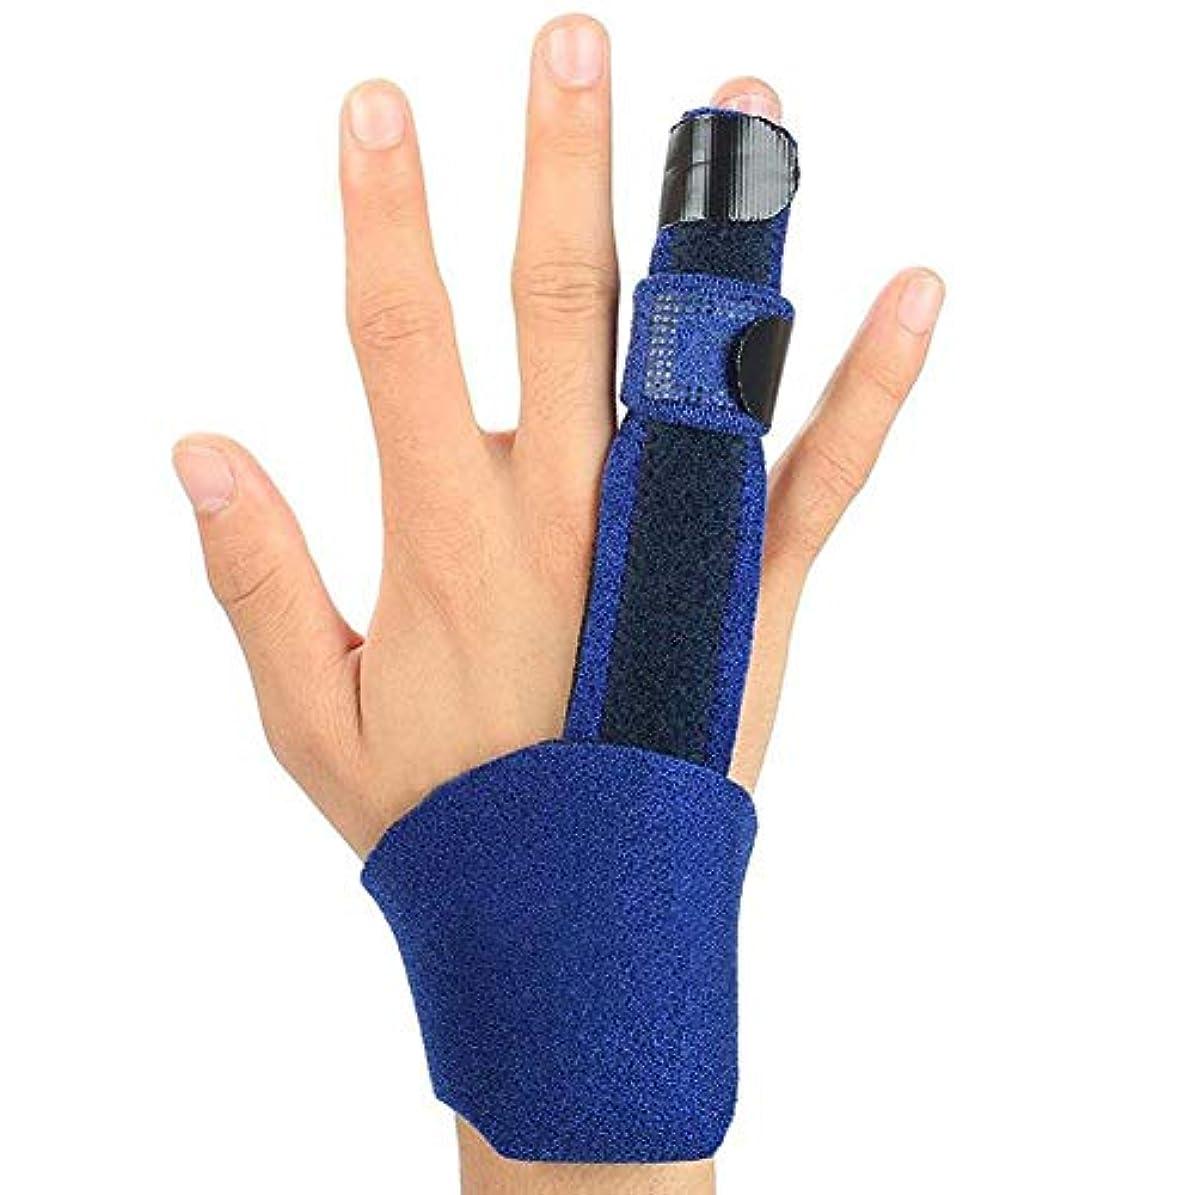 人工的なコイントリガー指スプリント、内蔵のアルミニウムを備えた調節可能な固定ベルト、腱炎、骨折または骨折した指の痛みを軽減します。